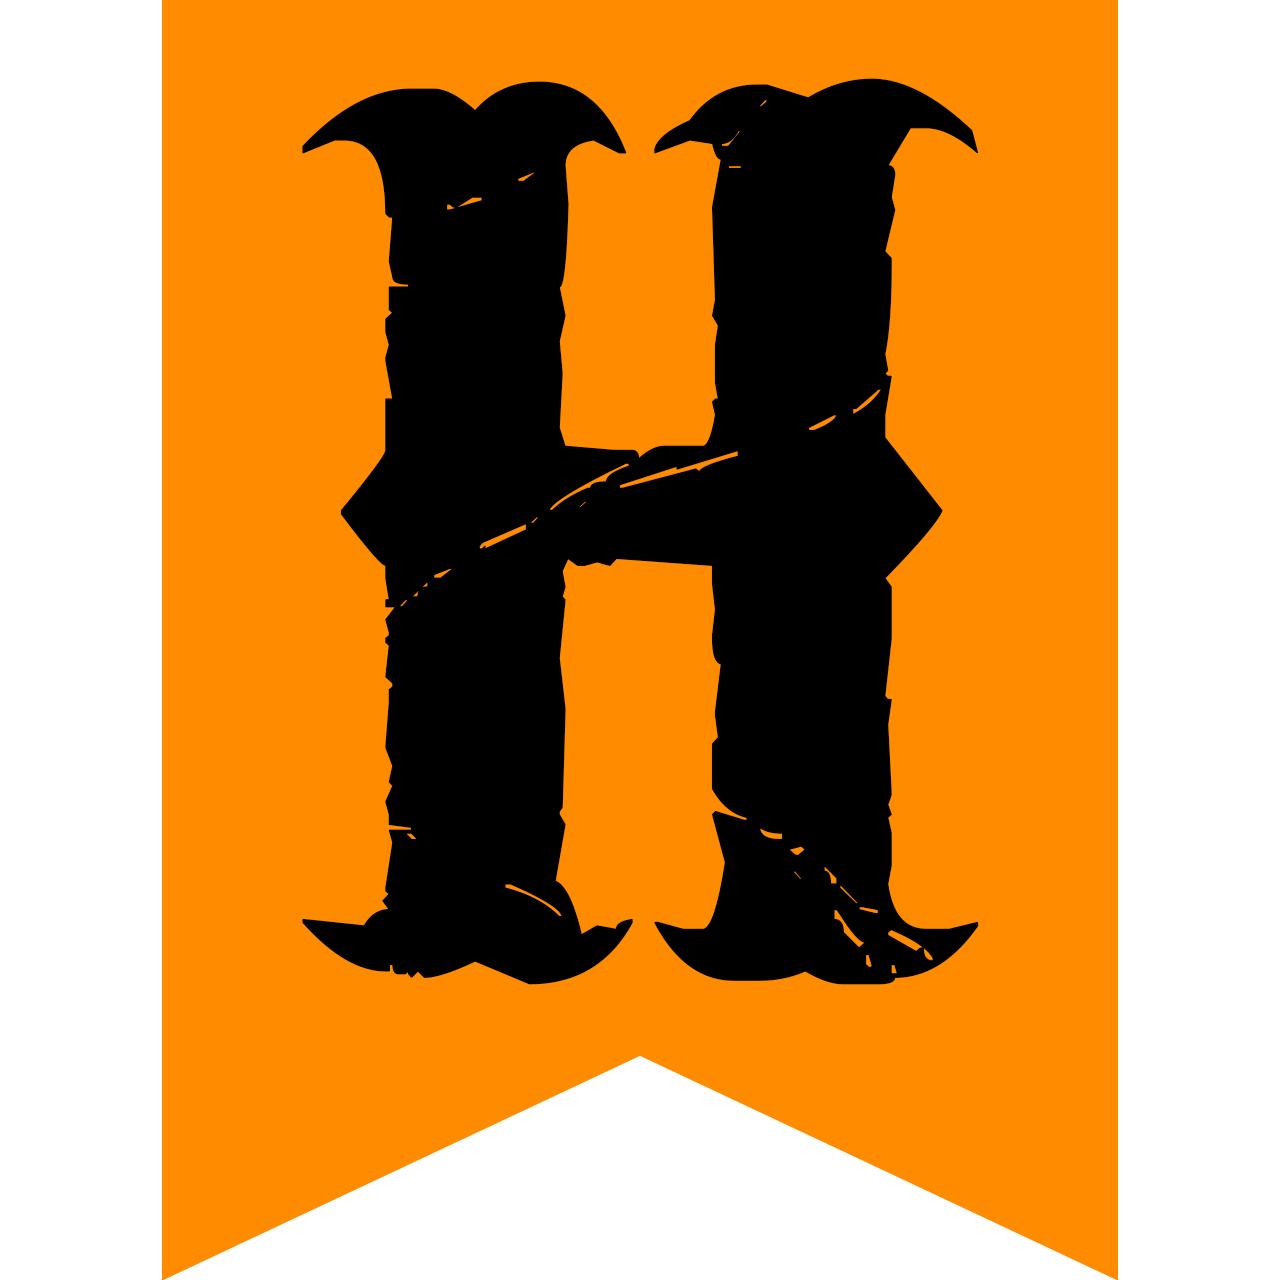 ハロウィンガーランド